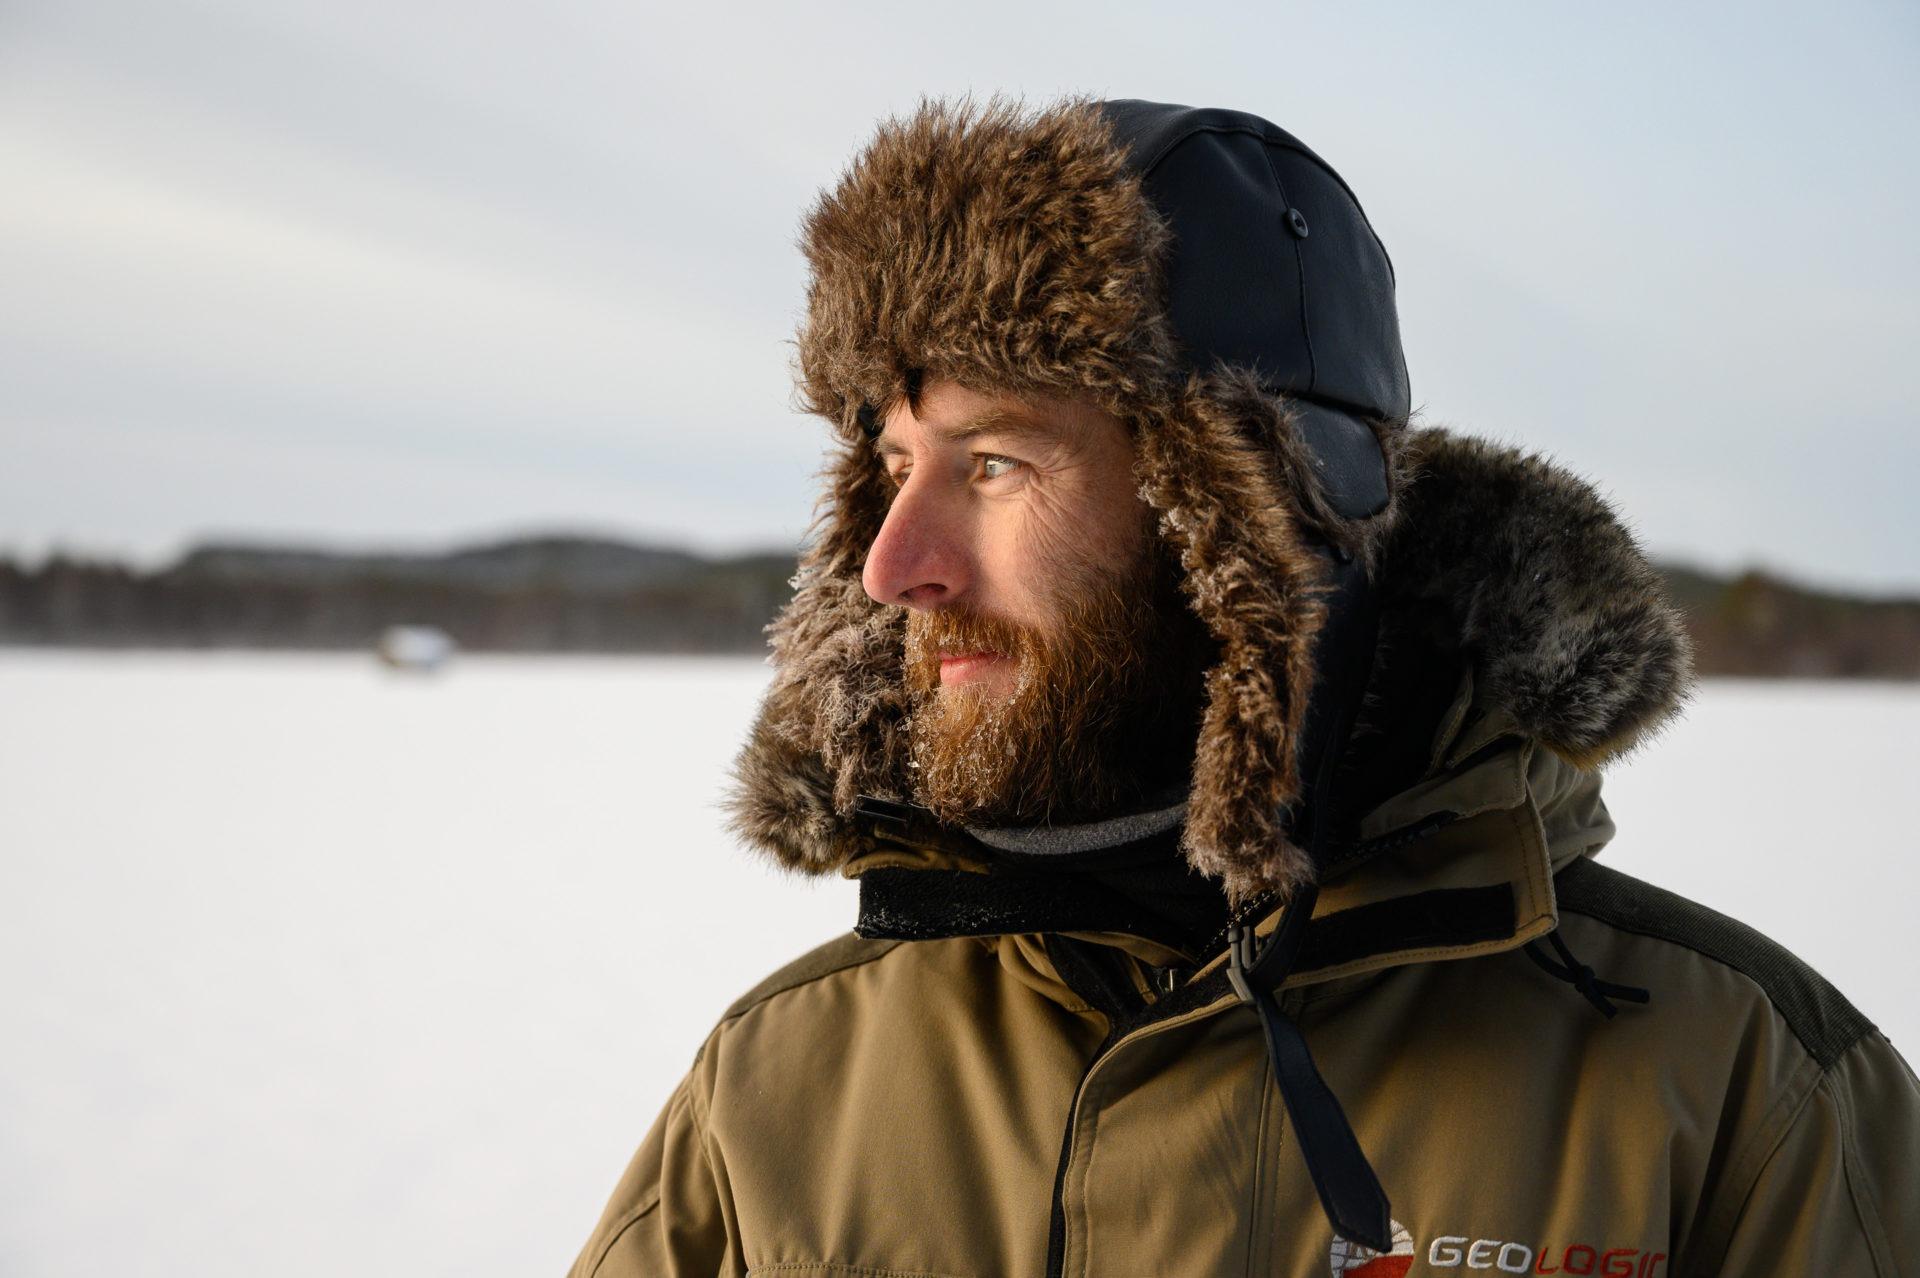 Laponie 2837 - Les globe blogueurs - blog voyage nature